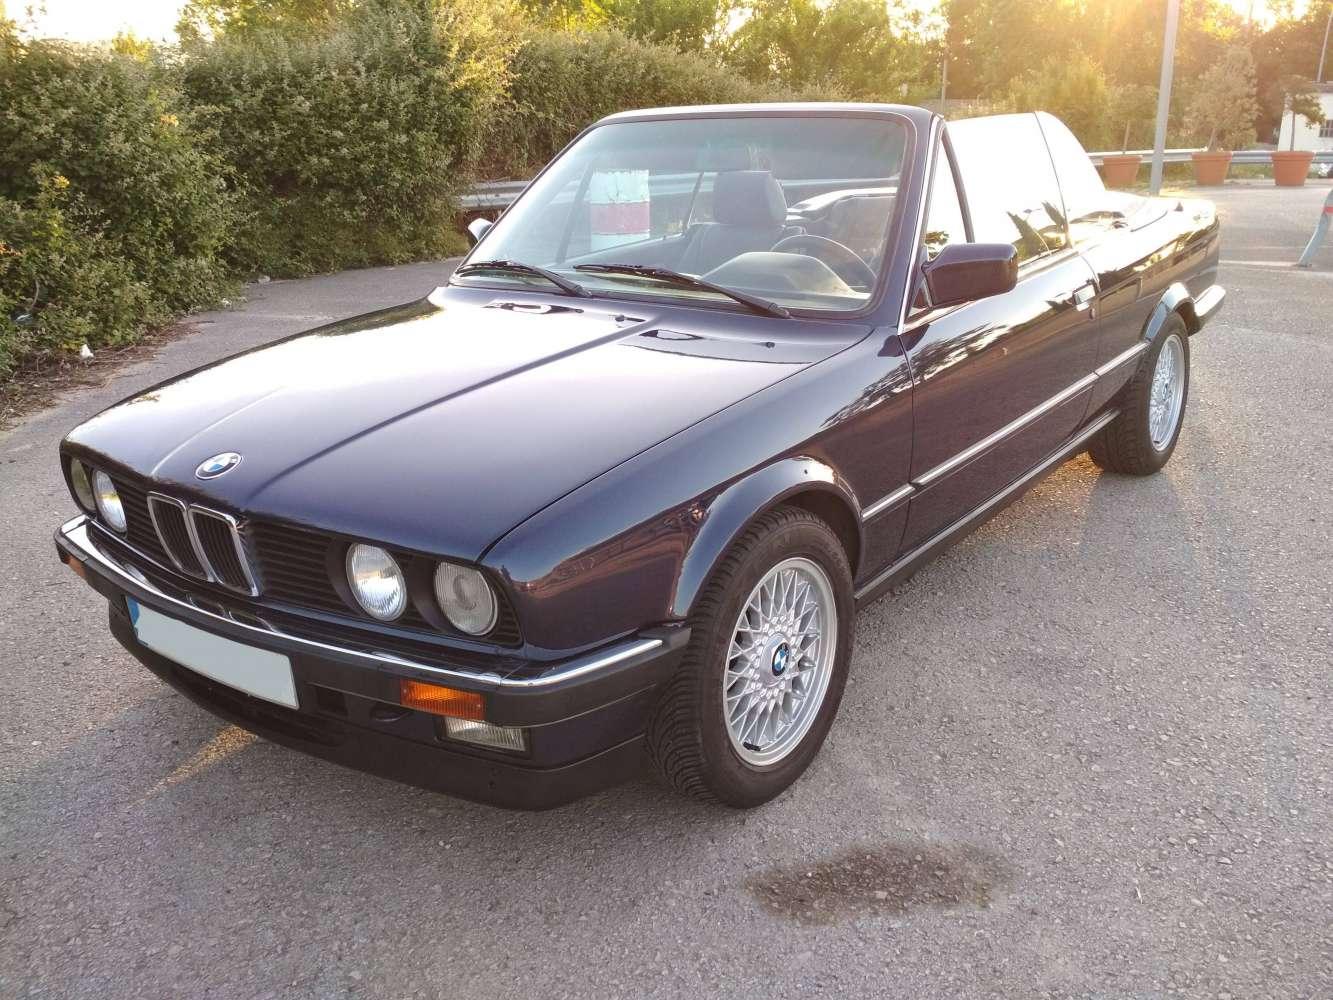 BMW E30 325i 1990 Cabriolet